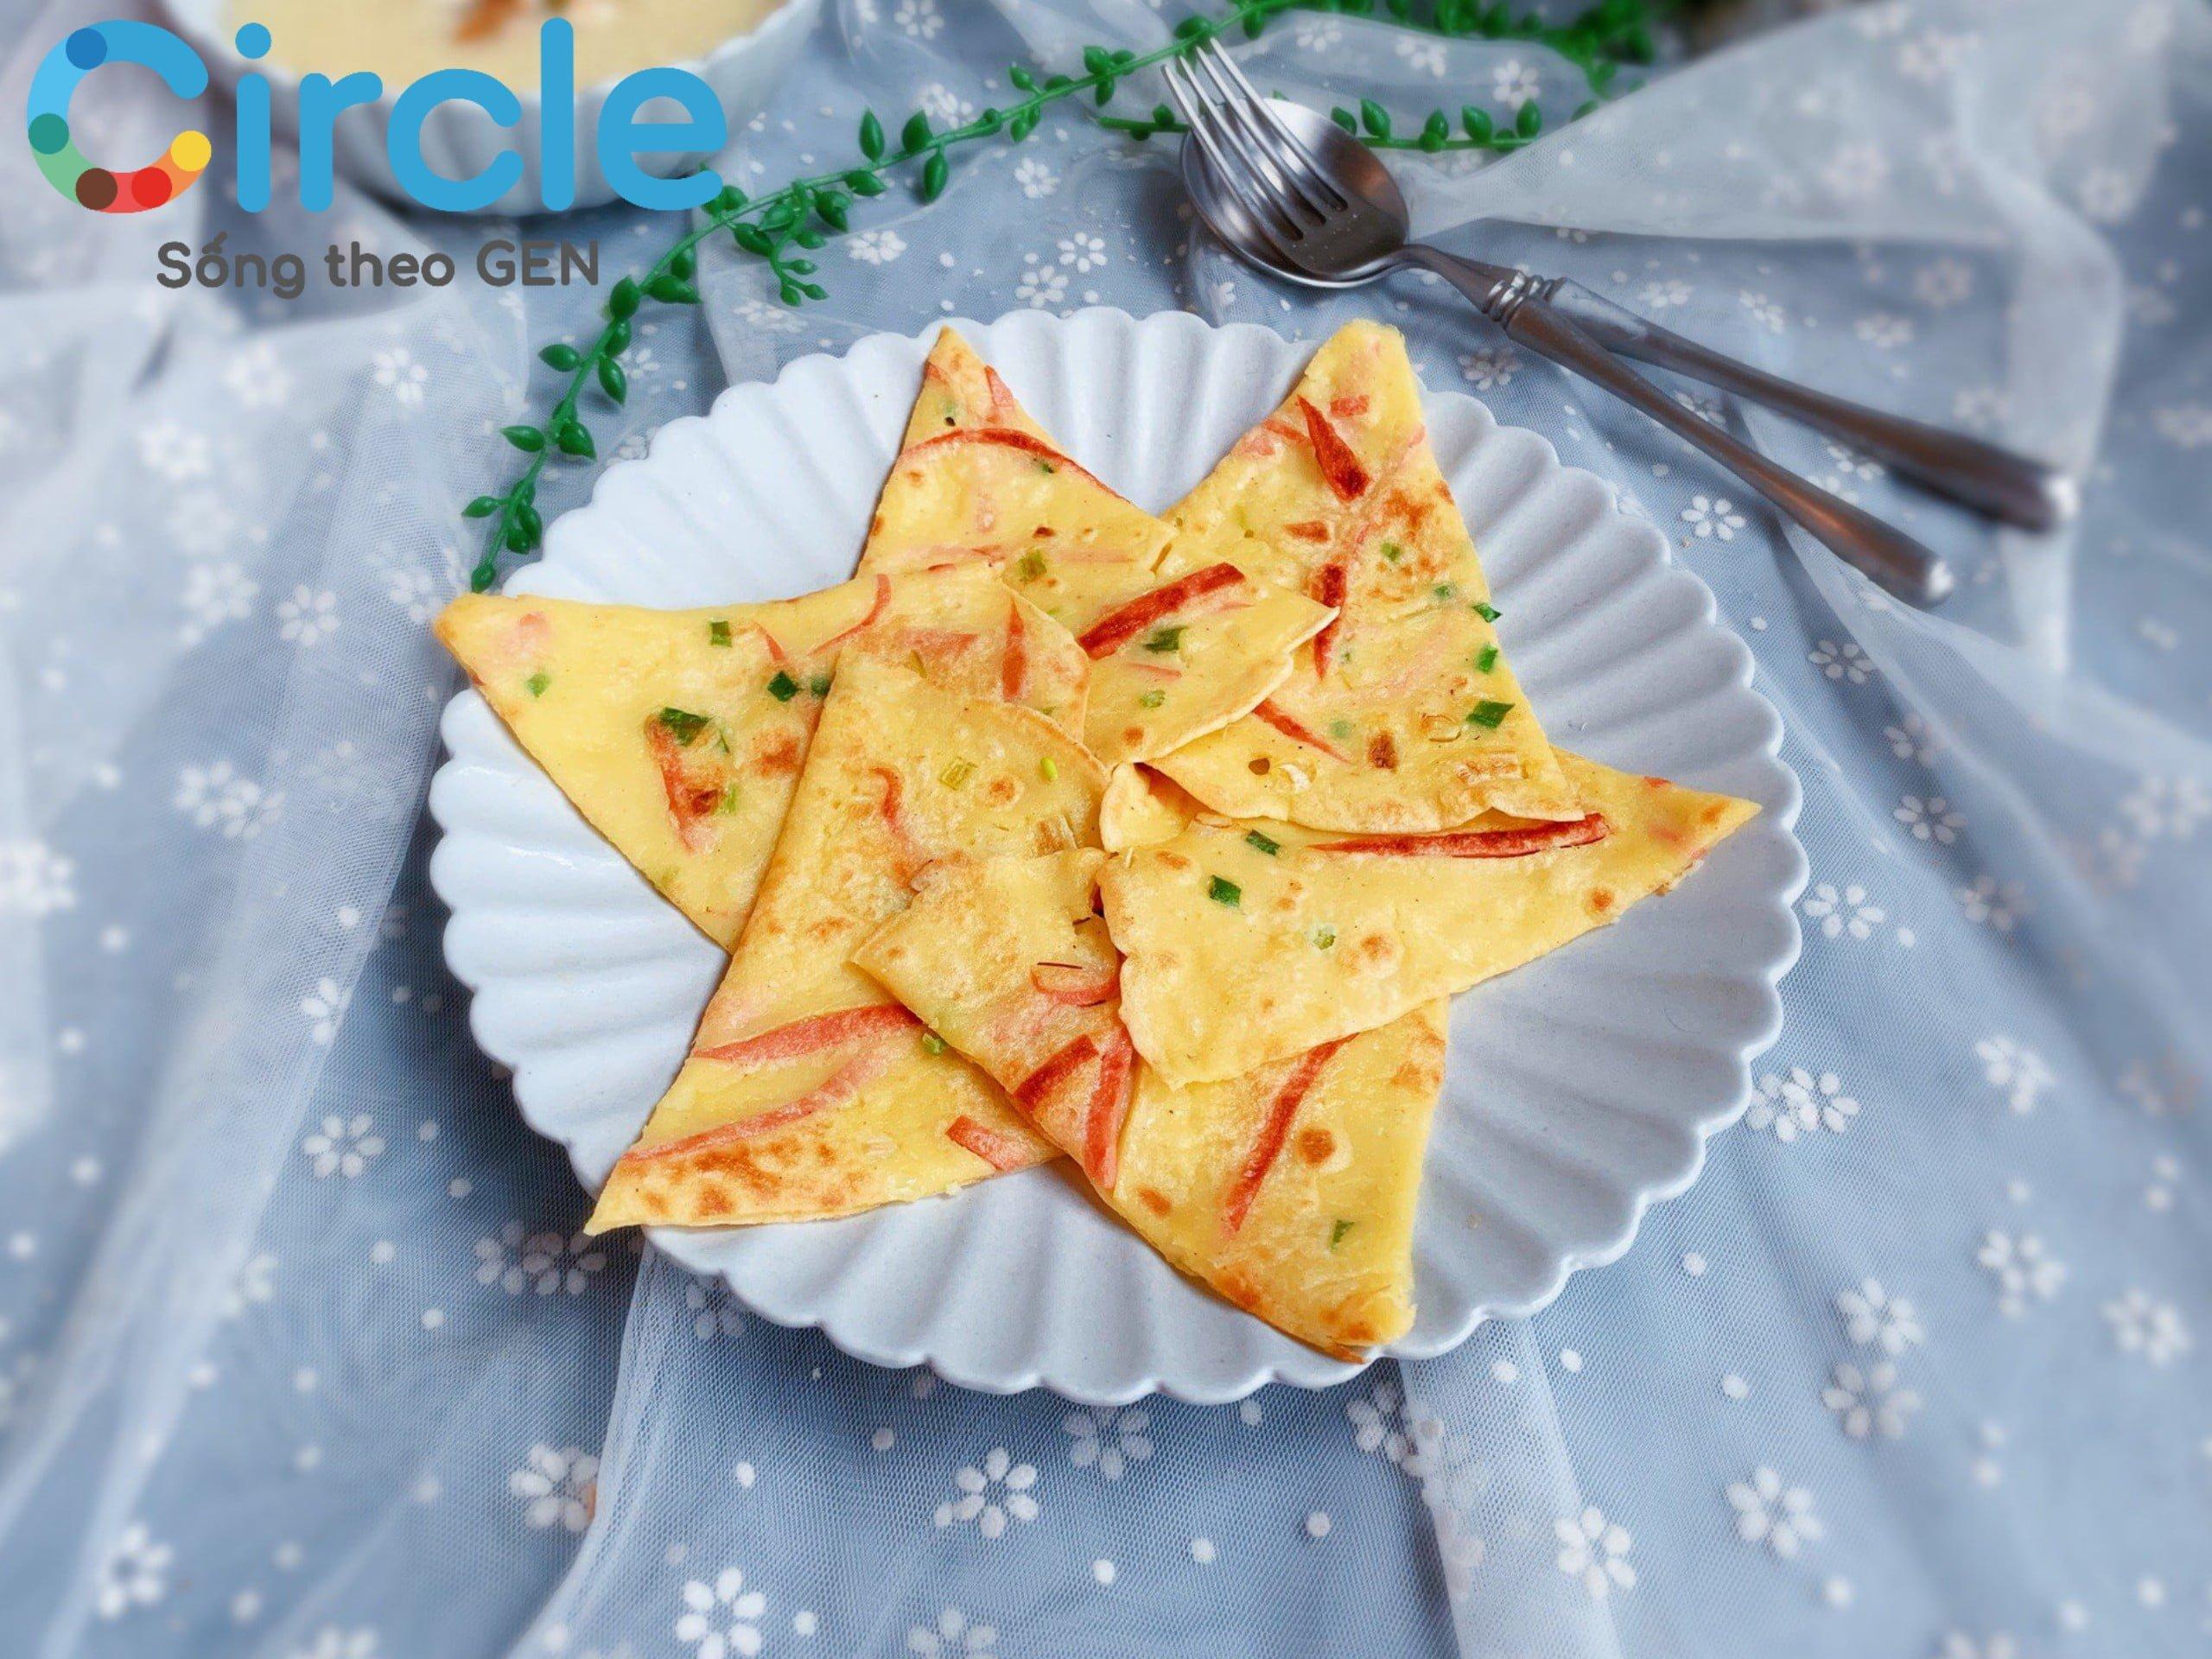 Bánh trứng, xúc xích hoặc thịt nguội thật đẹp mắt và xứng đáng nằm trong top những món ăn trong thực đơn cho trẻ 6 tuổi chứ!